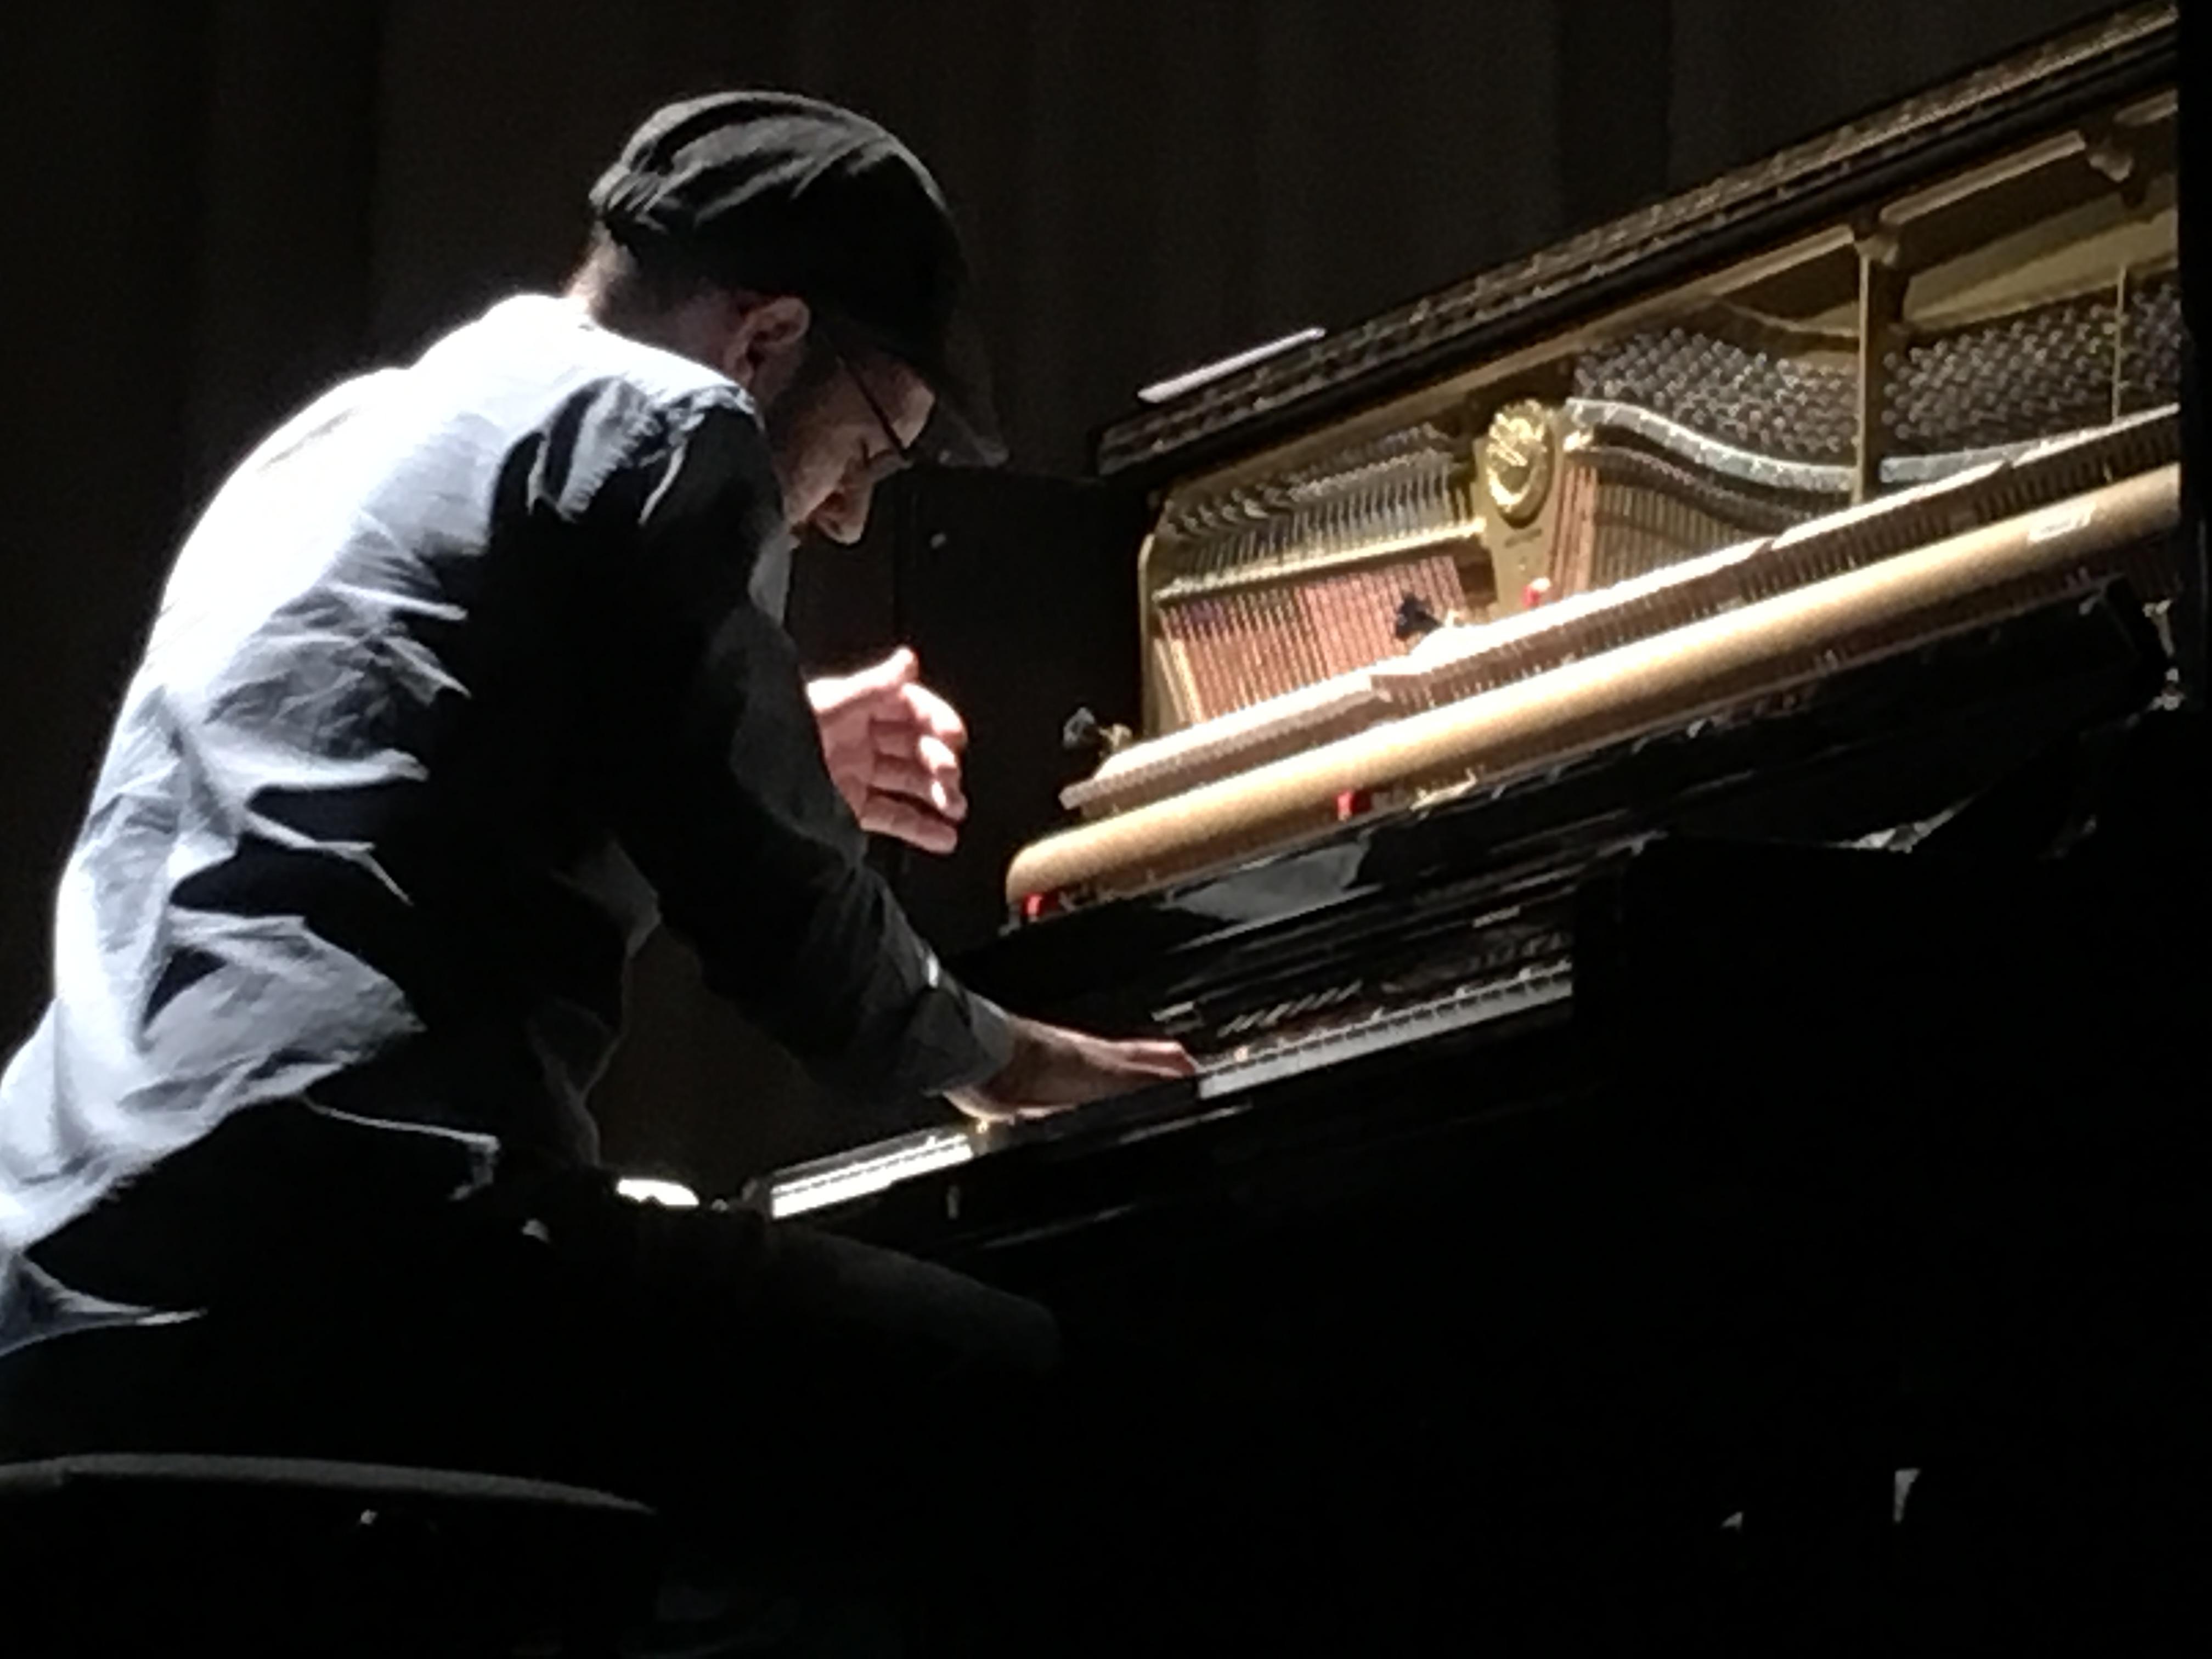 El pasado viernes tuvimos la suerte de asistir al concierto para piano de Borja R. Niso en el Colegio Mayor Mara rindiendo tributo a Ludovico Einaudi dentro de los actos de celebración de la canonización de Santa Nazaria en Roma a manos del Papa Francisco I